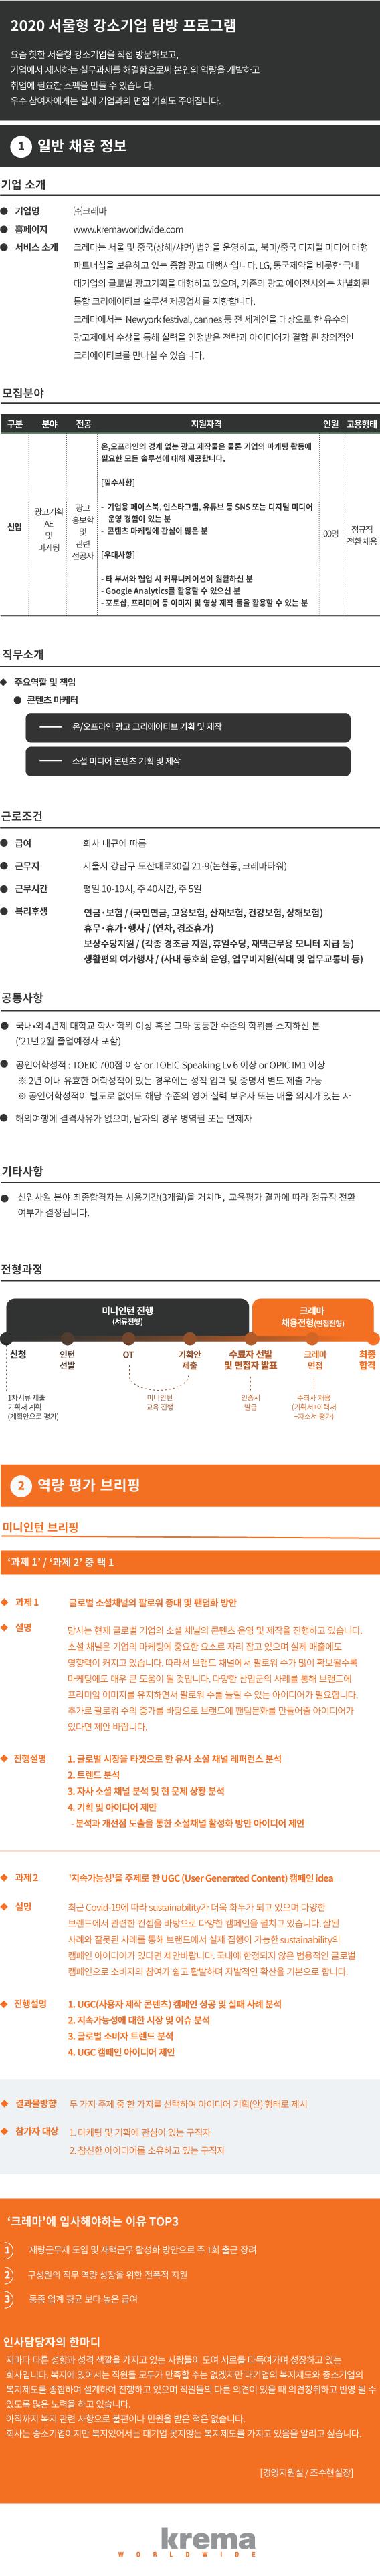 미니인턴_채용형-포스터_크레마(석훈수정).png